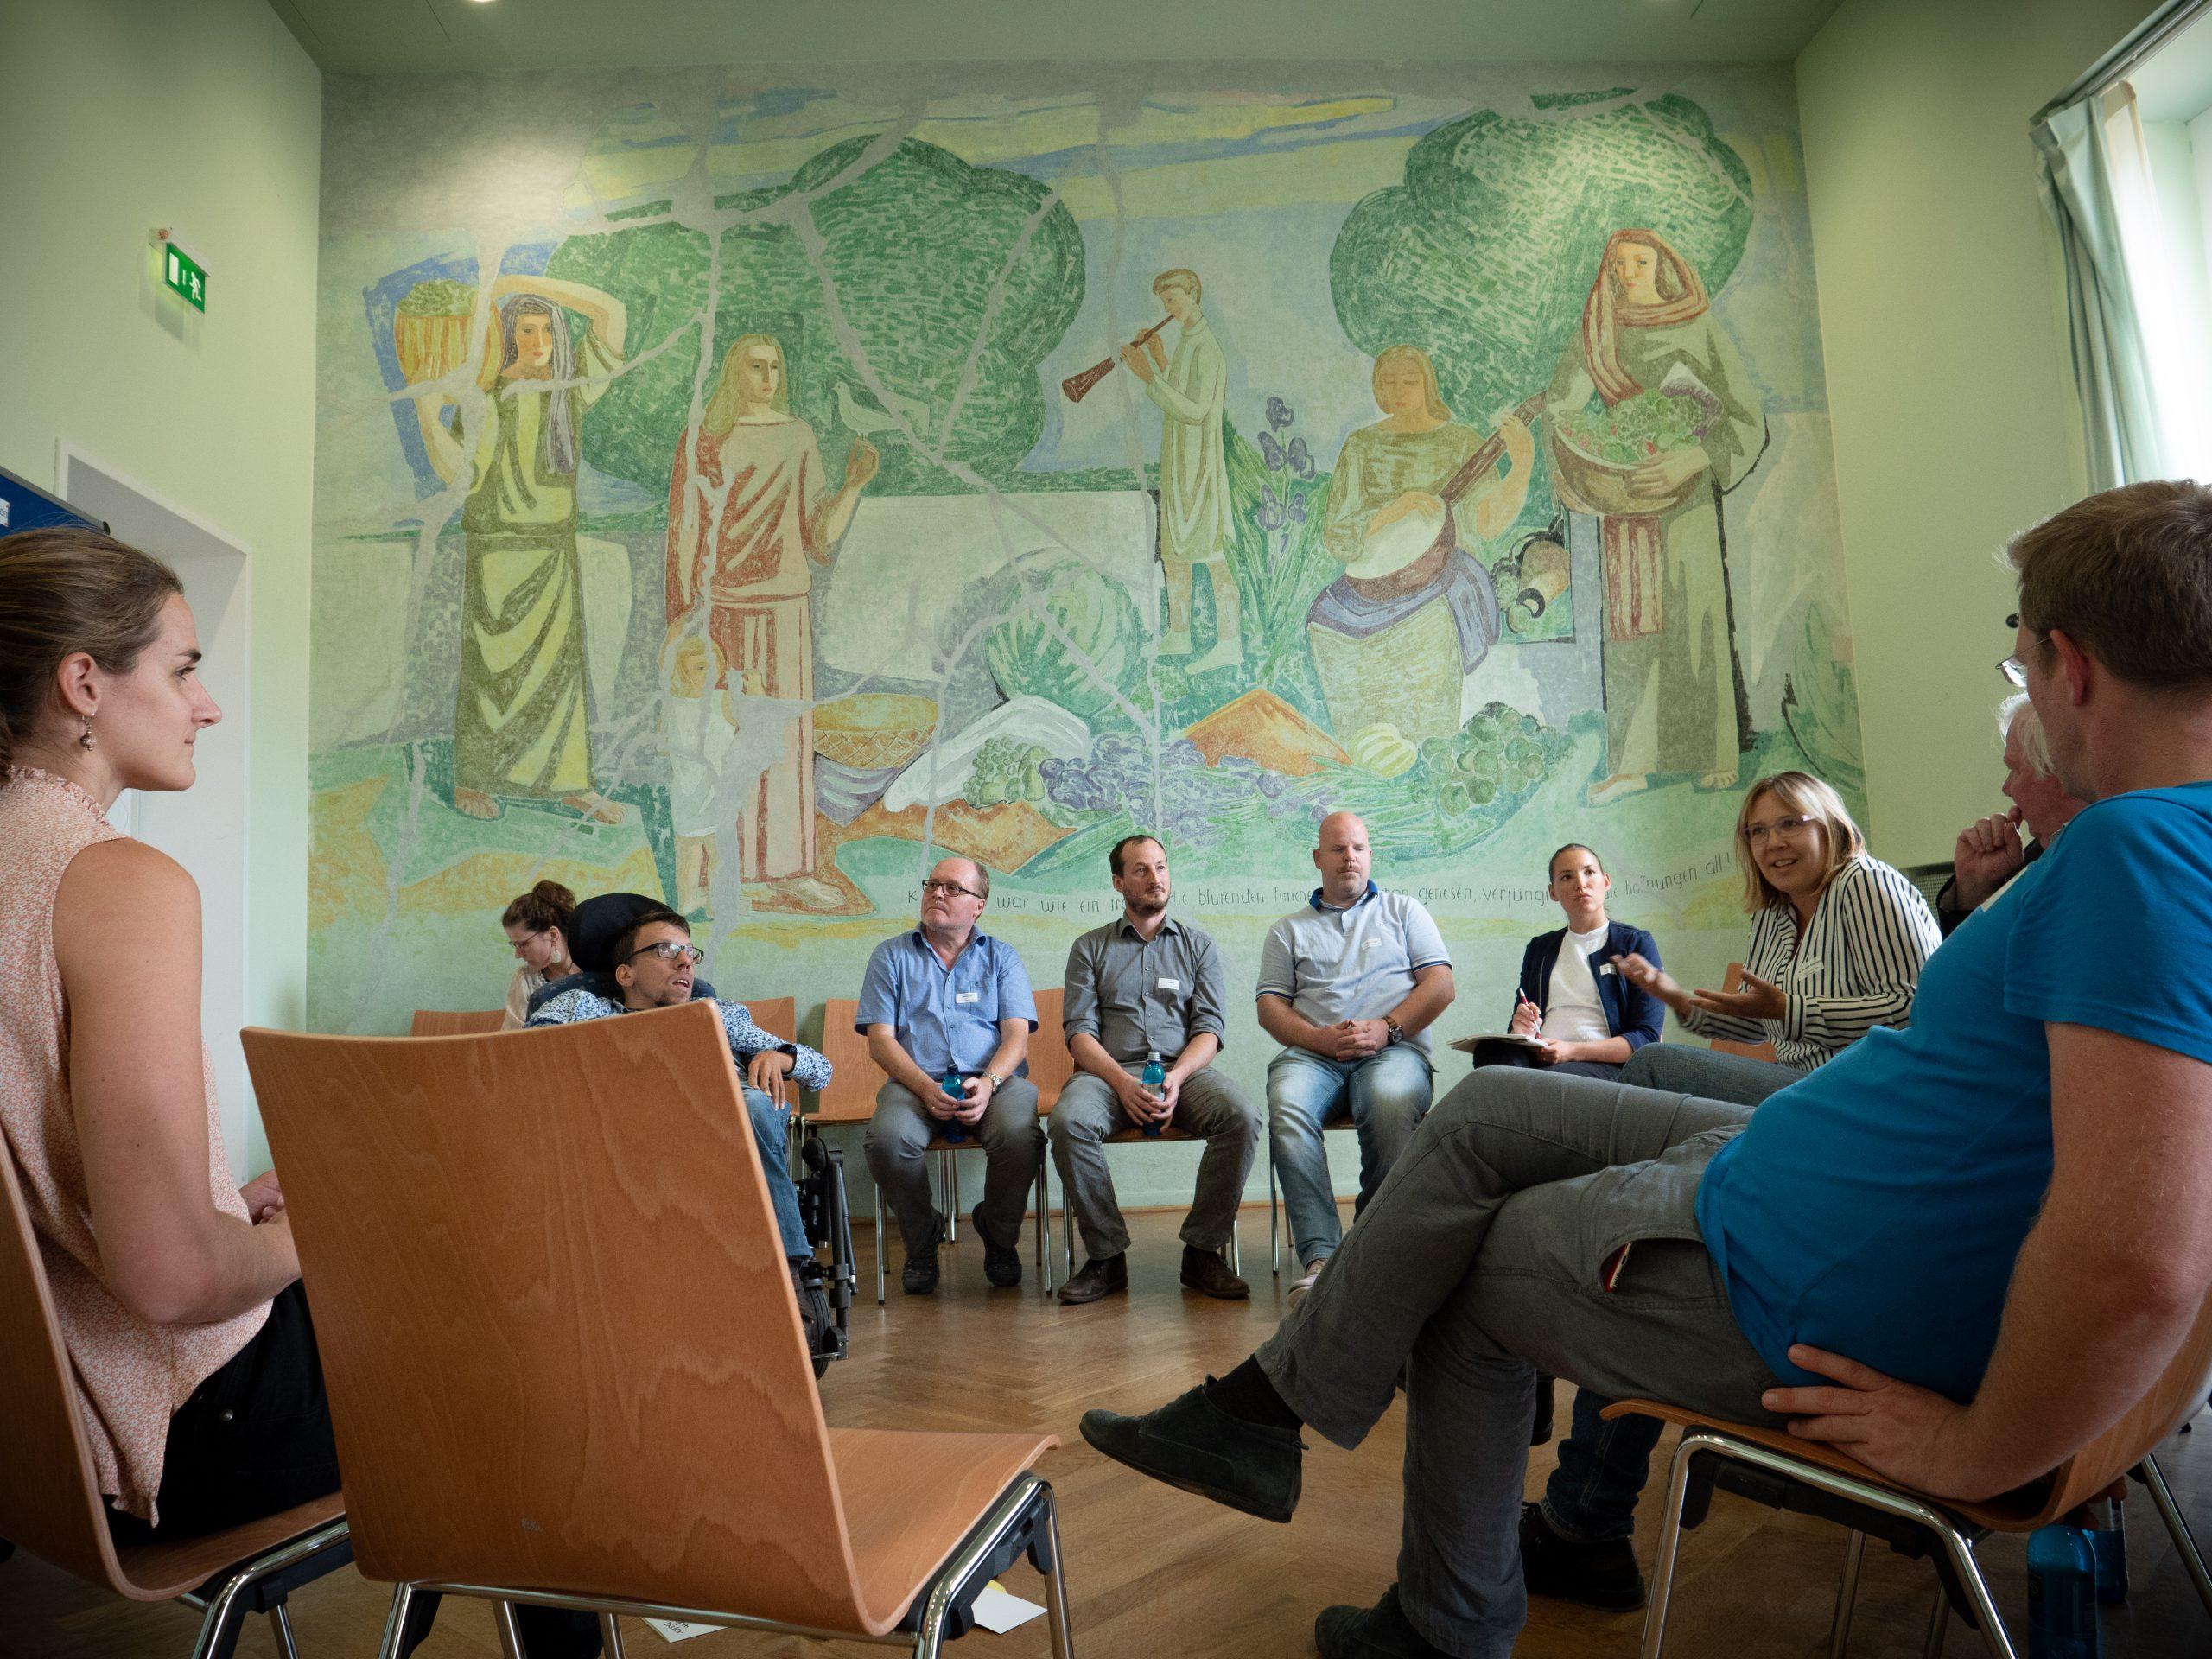 Teilnehmende sitzen im Stuhlkreis